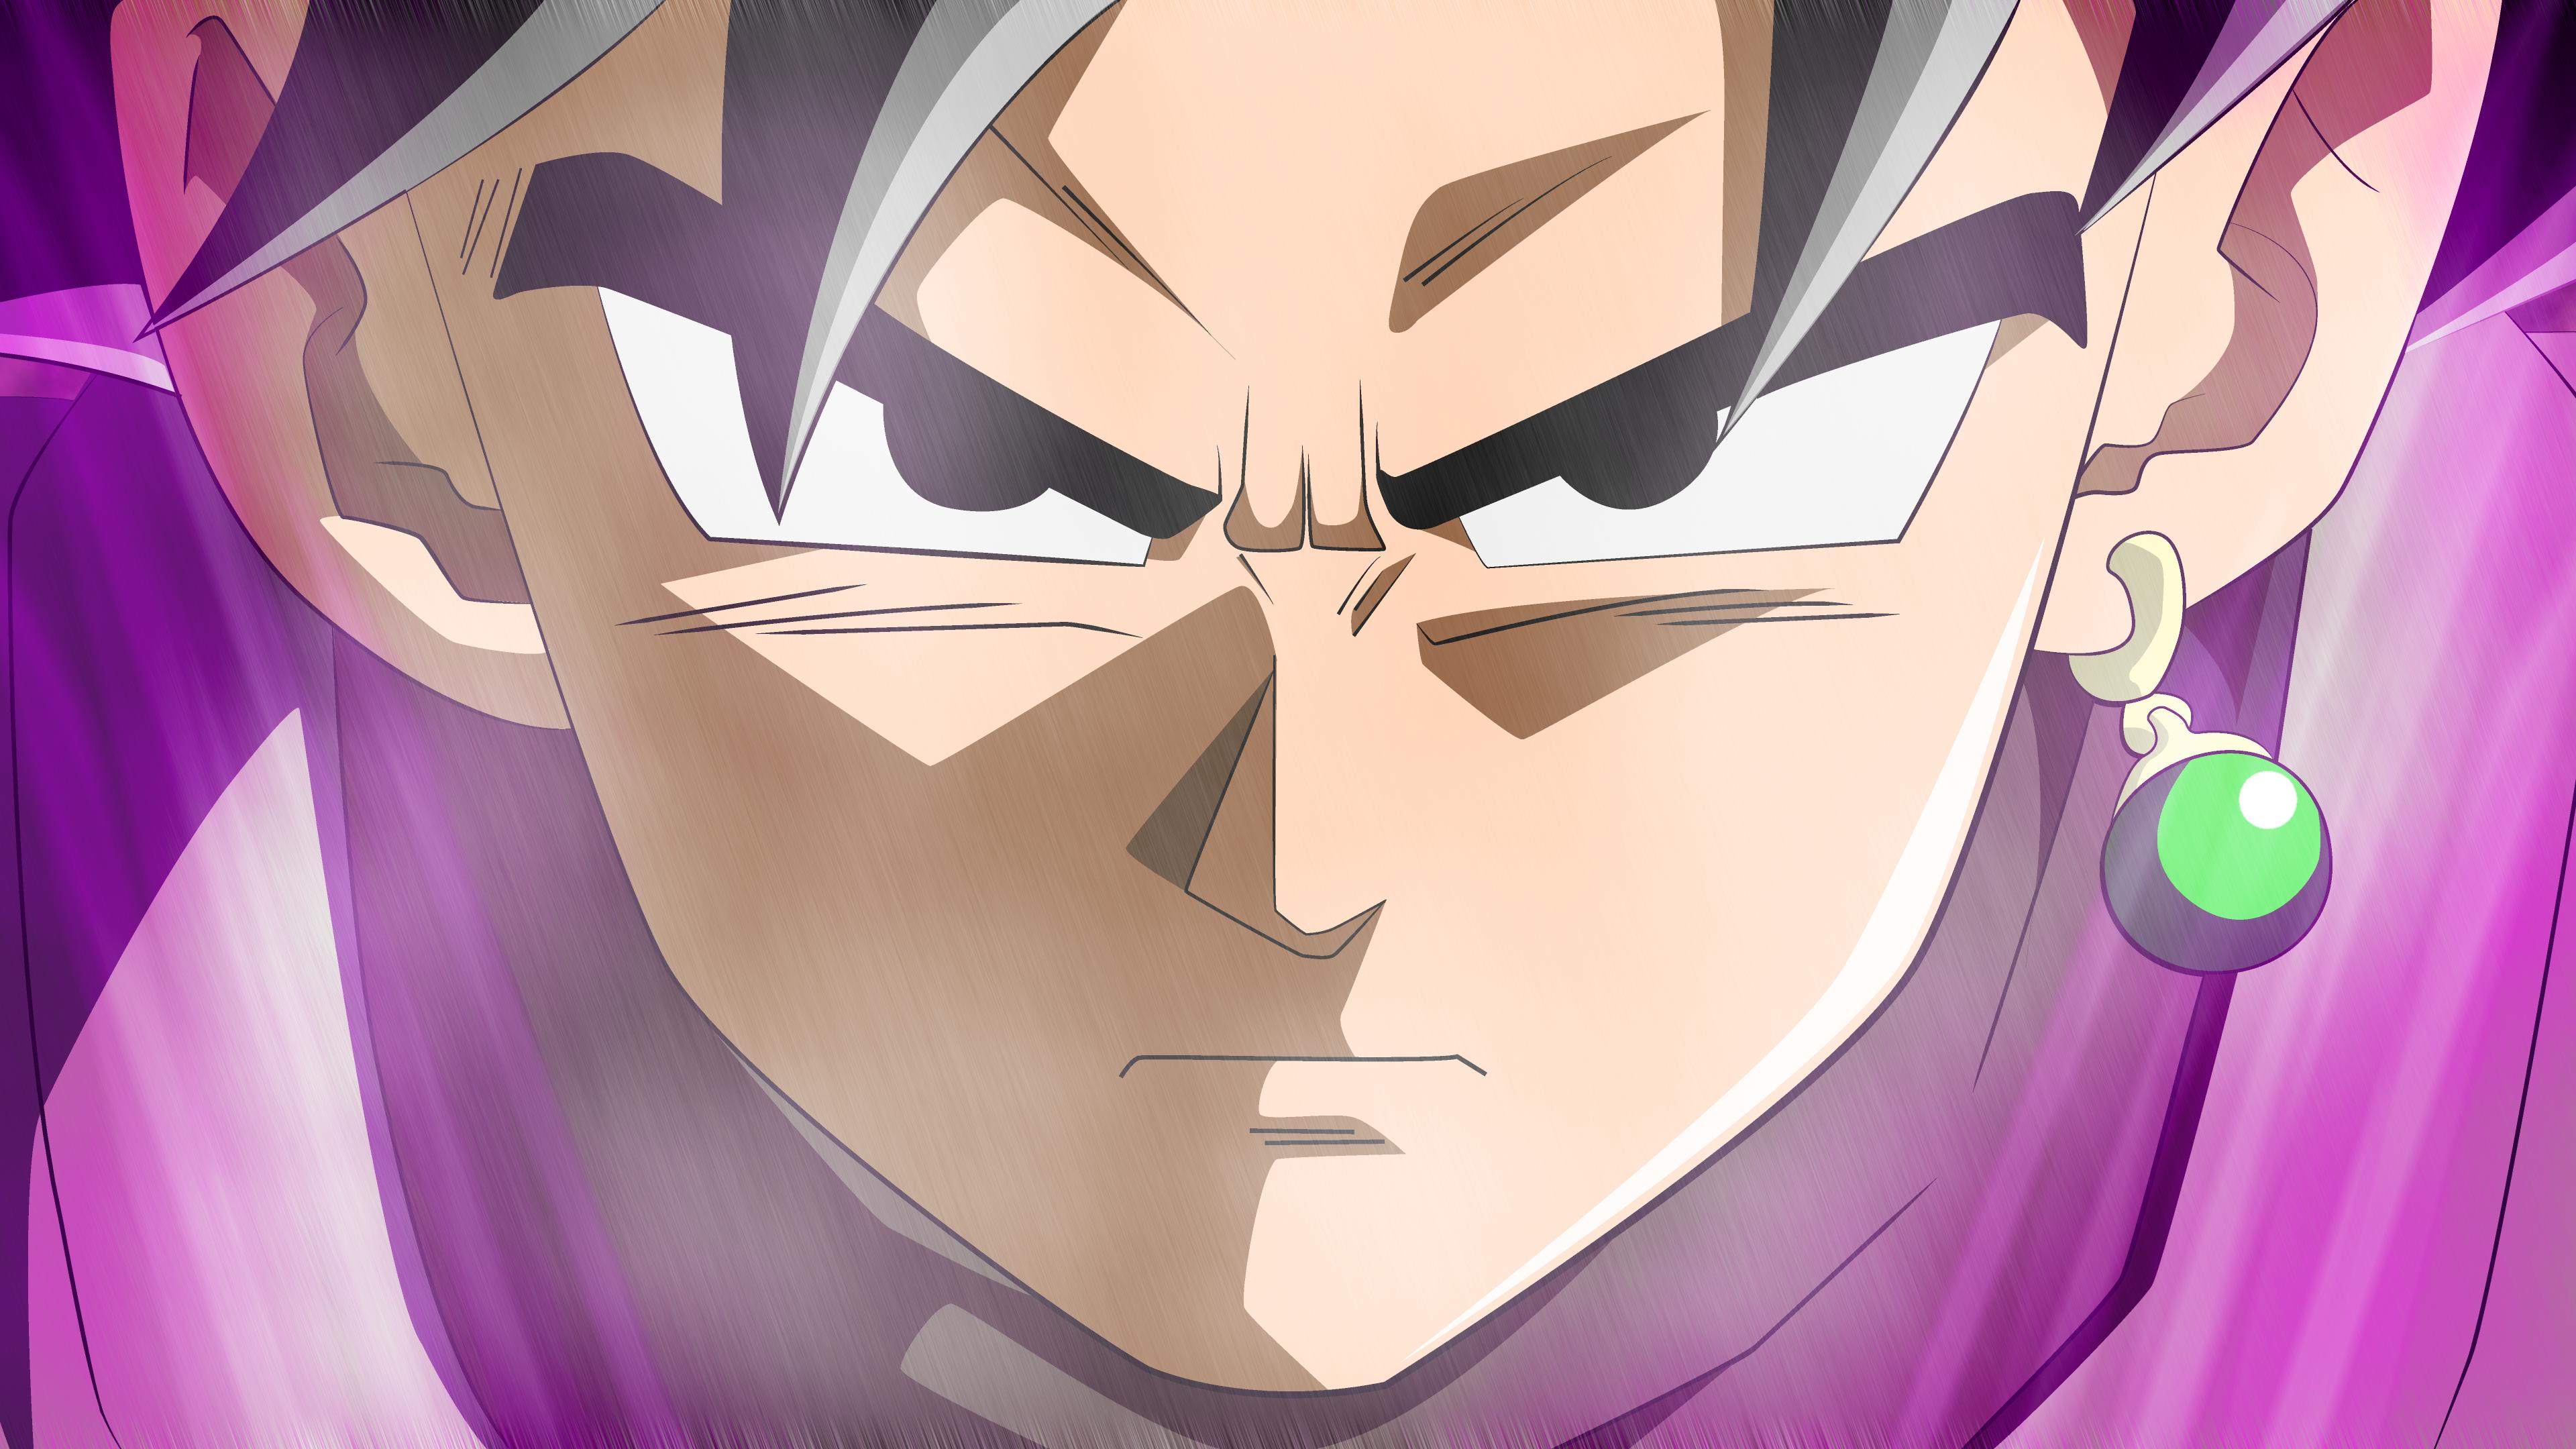 Black Goku Fondo De Pantalla And Fondo De Escritorio: Black 4k Ultra Fondo De Pantalla HD